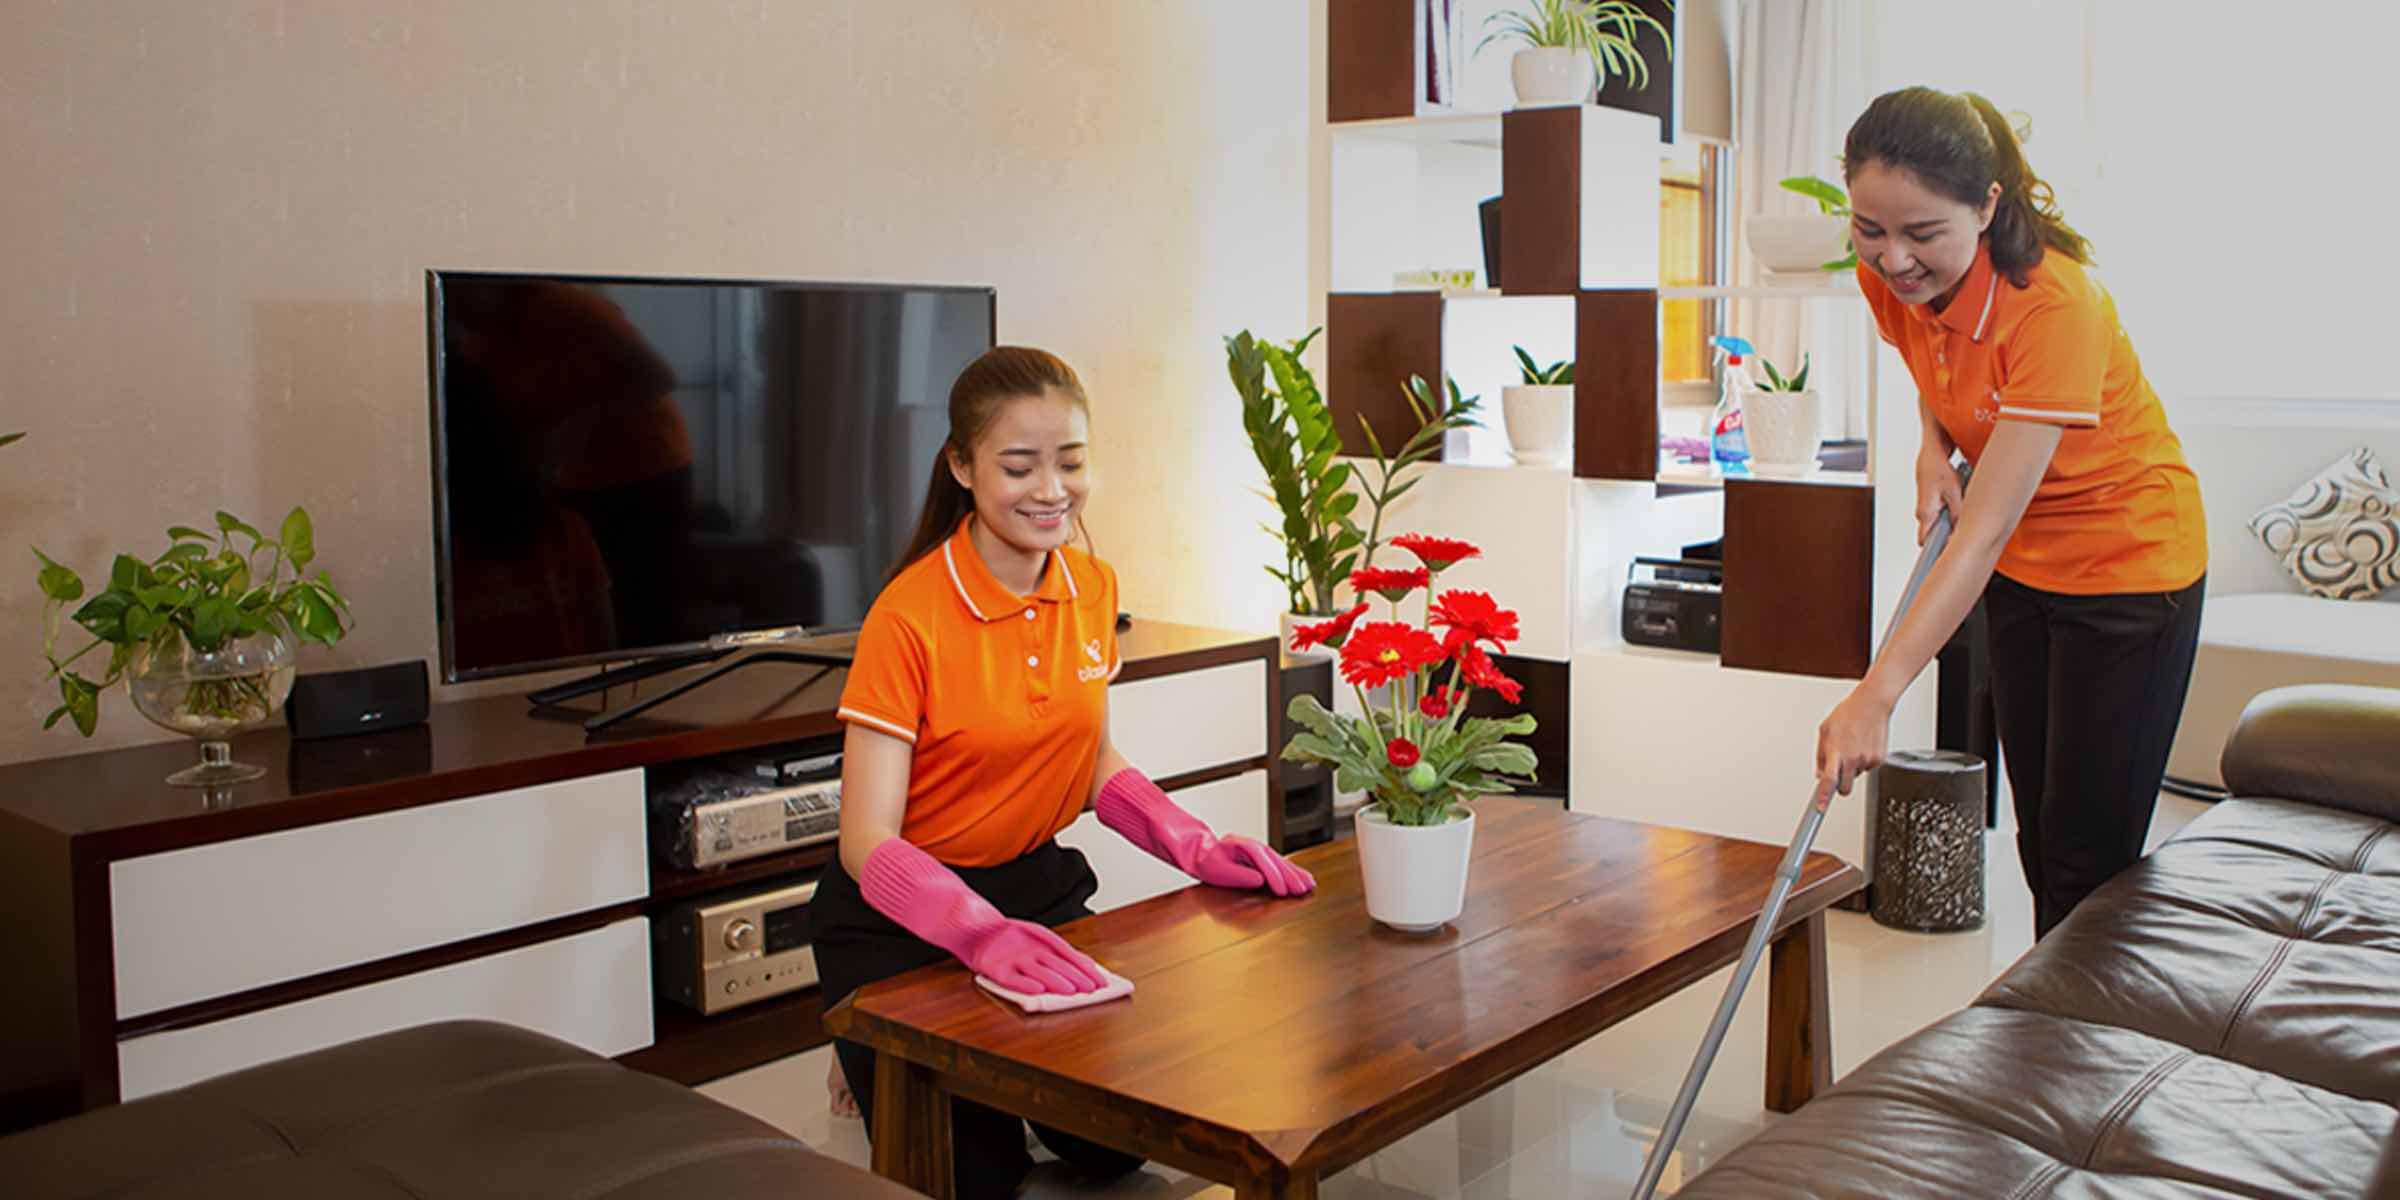 Top 10 dịch vụ vệ sinh nhà, dọn dẹp nhà cửa uy tín, chuyên nghiệp Tp Hồ Chí Minh